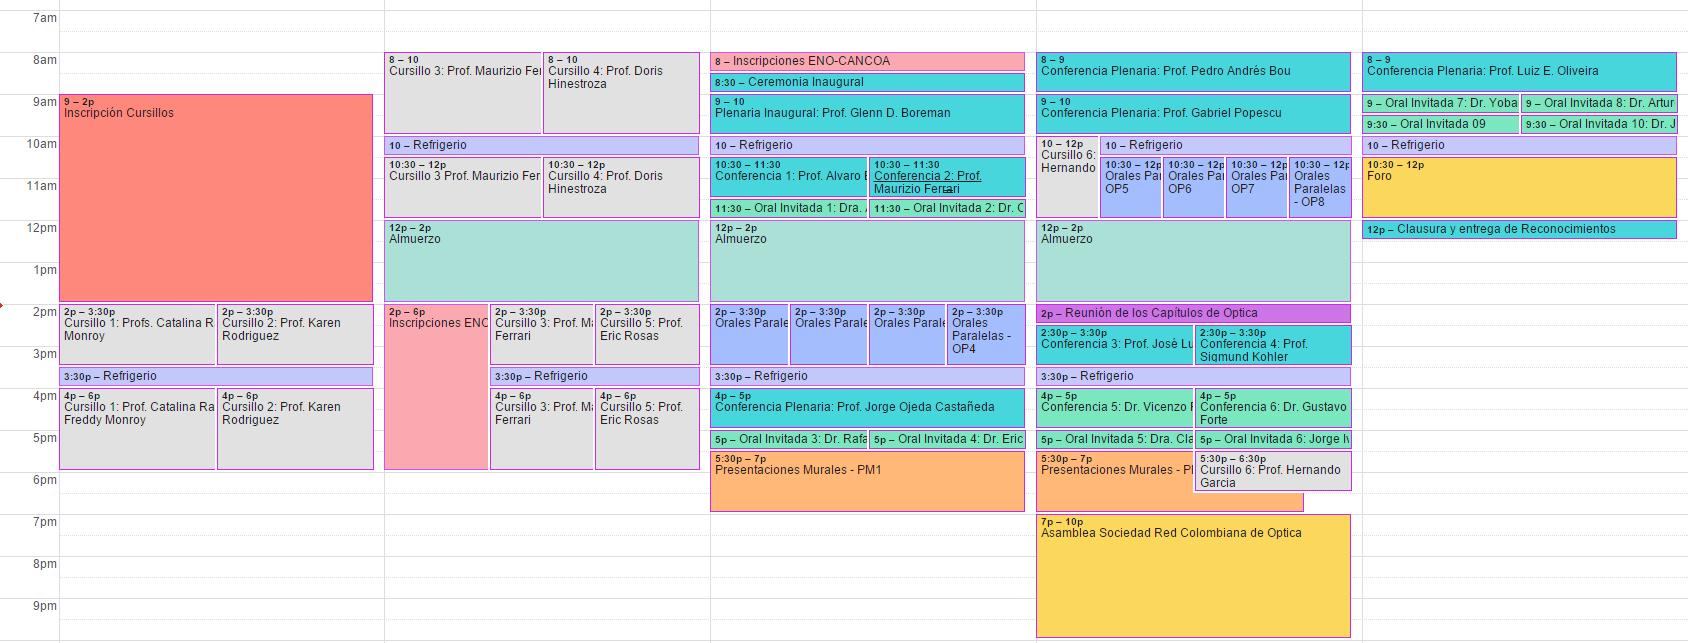 https://calendar.google.com/calendar/embed?src=correounivalle.edu.co_o6alhtuketcb006dcic4nkau8g@group.calendar.google.com&ctz=America/Bogota&dates=20151116/20151120&wkst=1